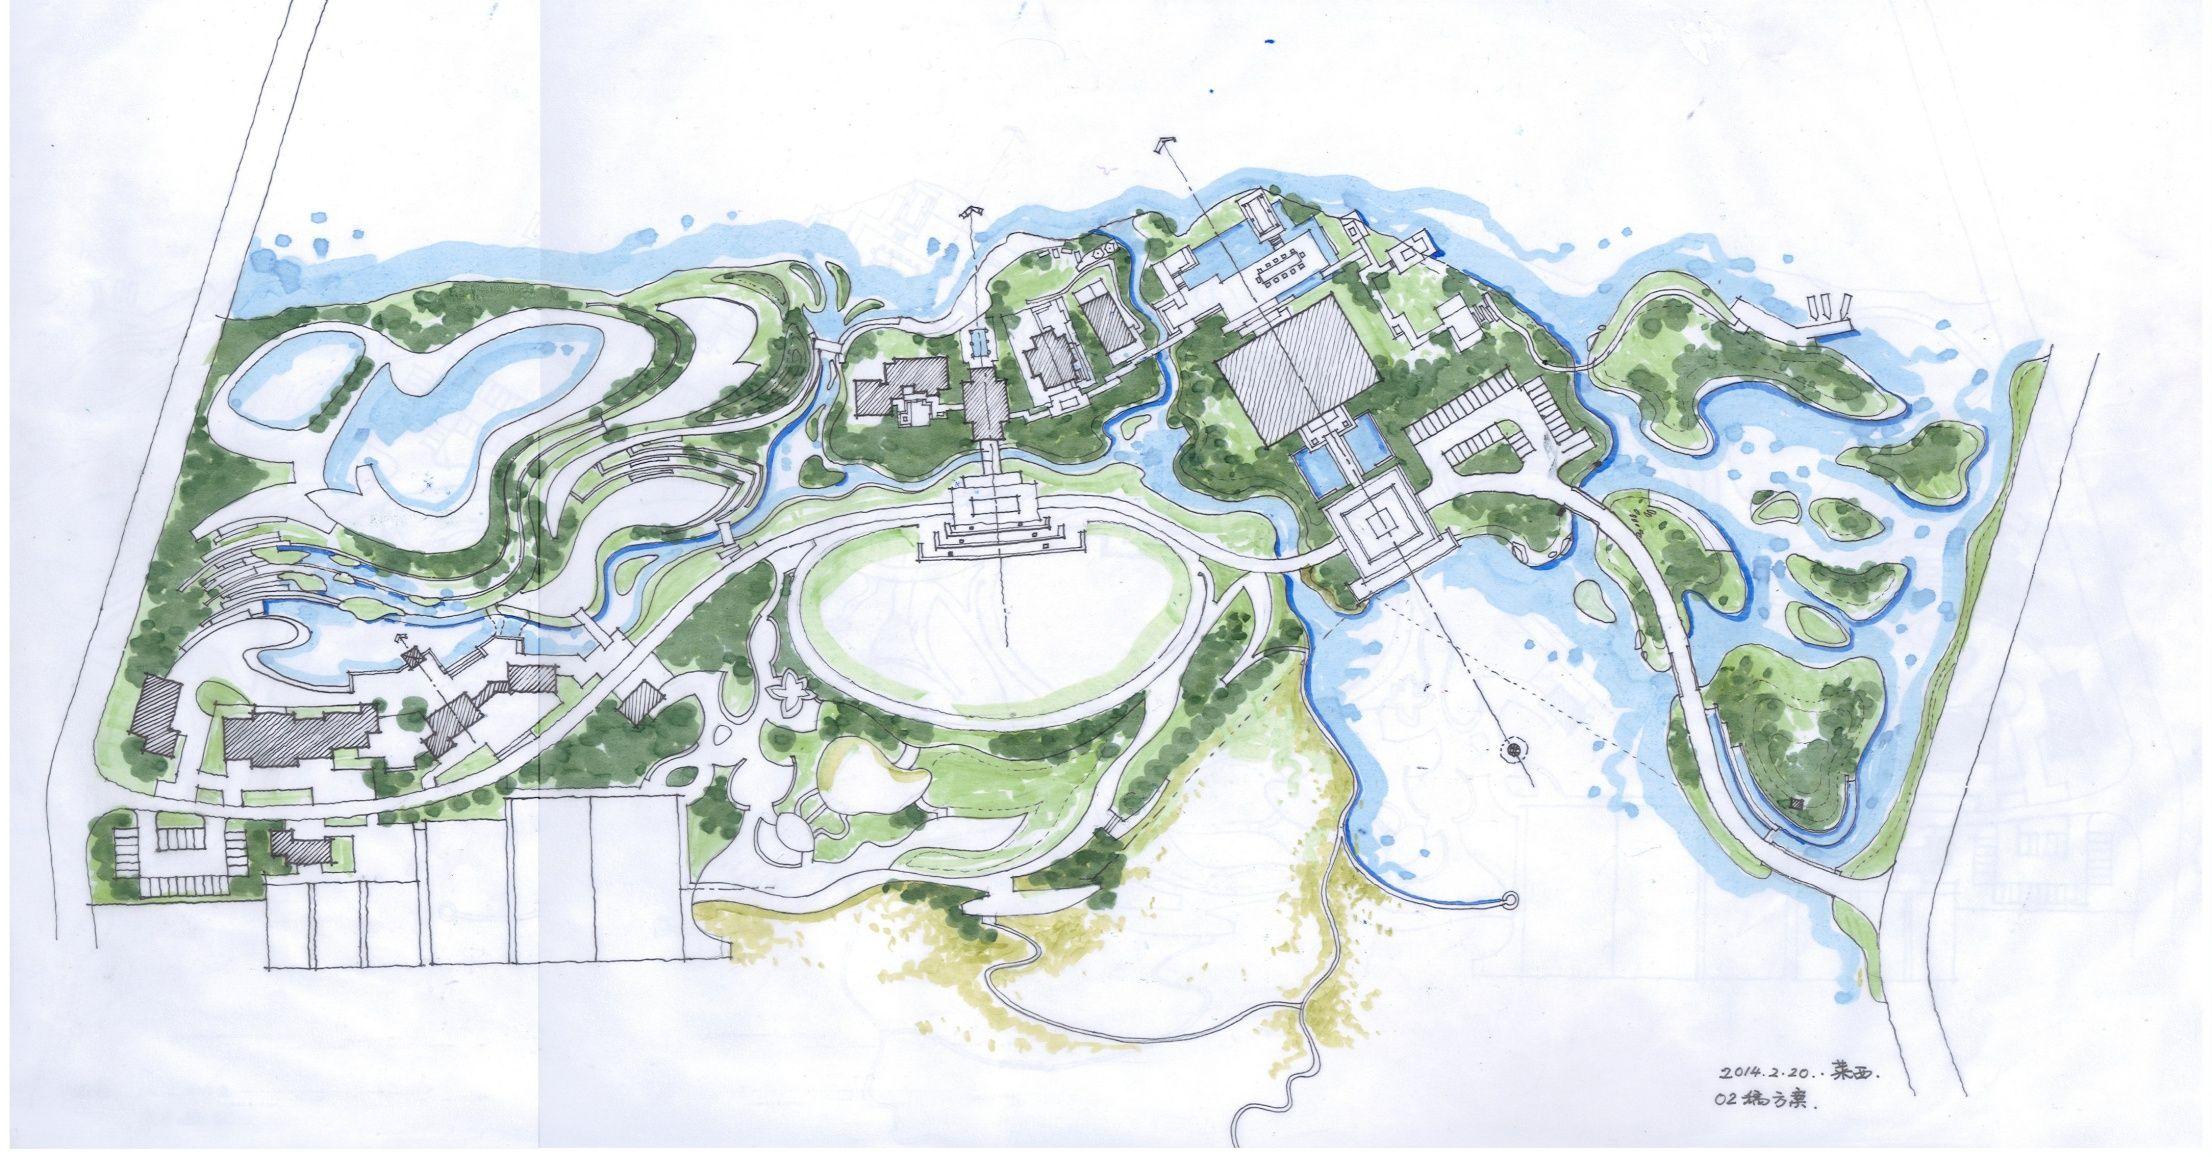 Landscapemasterplan Urban Design Concept Drafting Drawing Master Plan